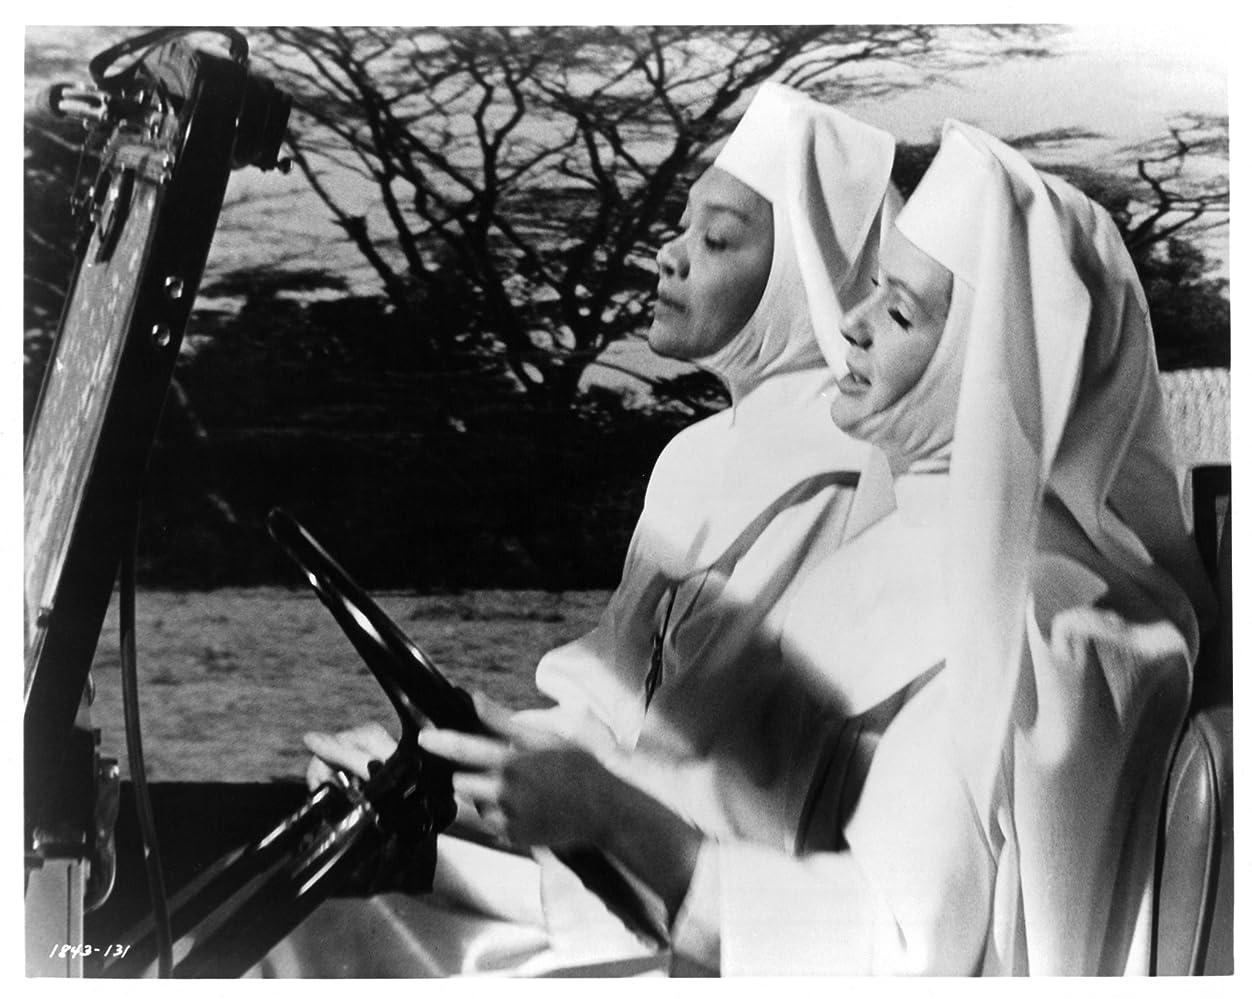 Amelia Heinle,Carole Davis Porno fotos Geraldine Villarruz Asis (b. 1965),Terri J. Vaughn